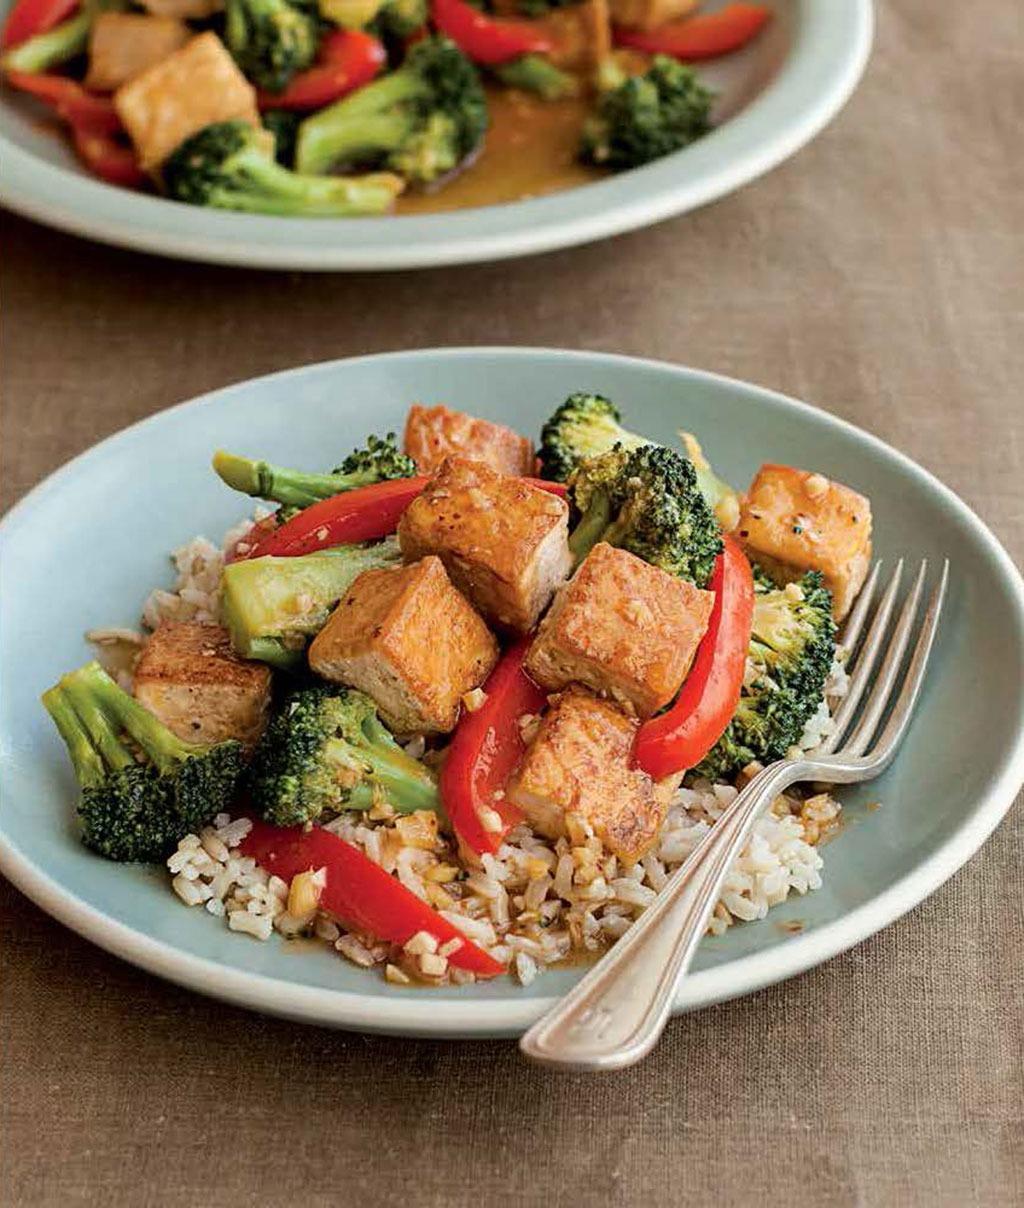 Crispy Orange Tofu with Broccoli